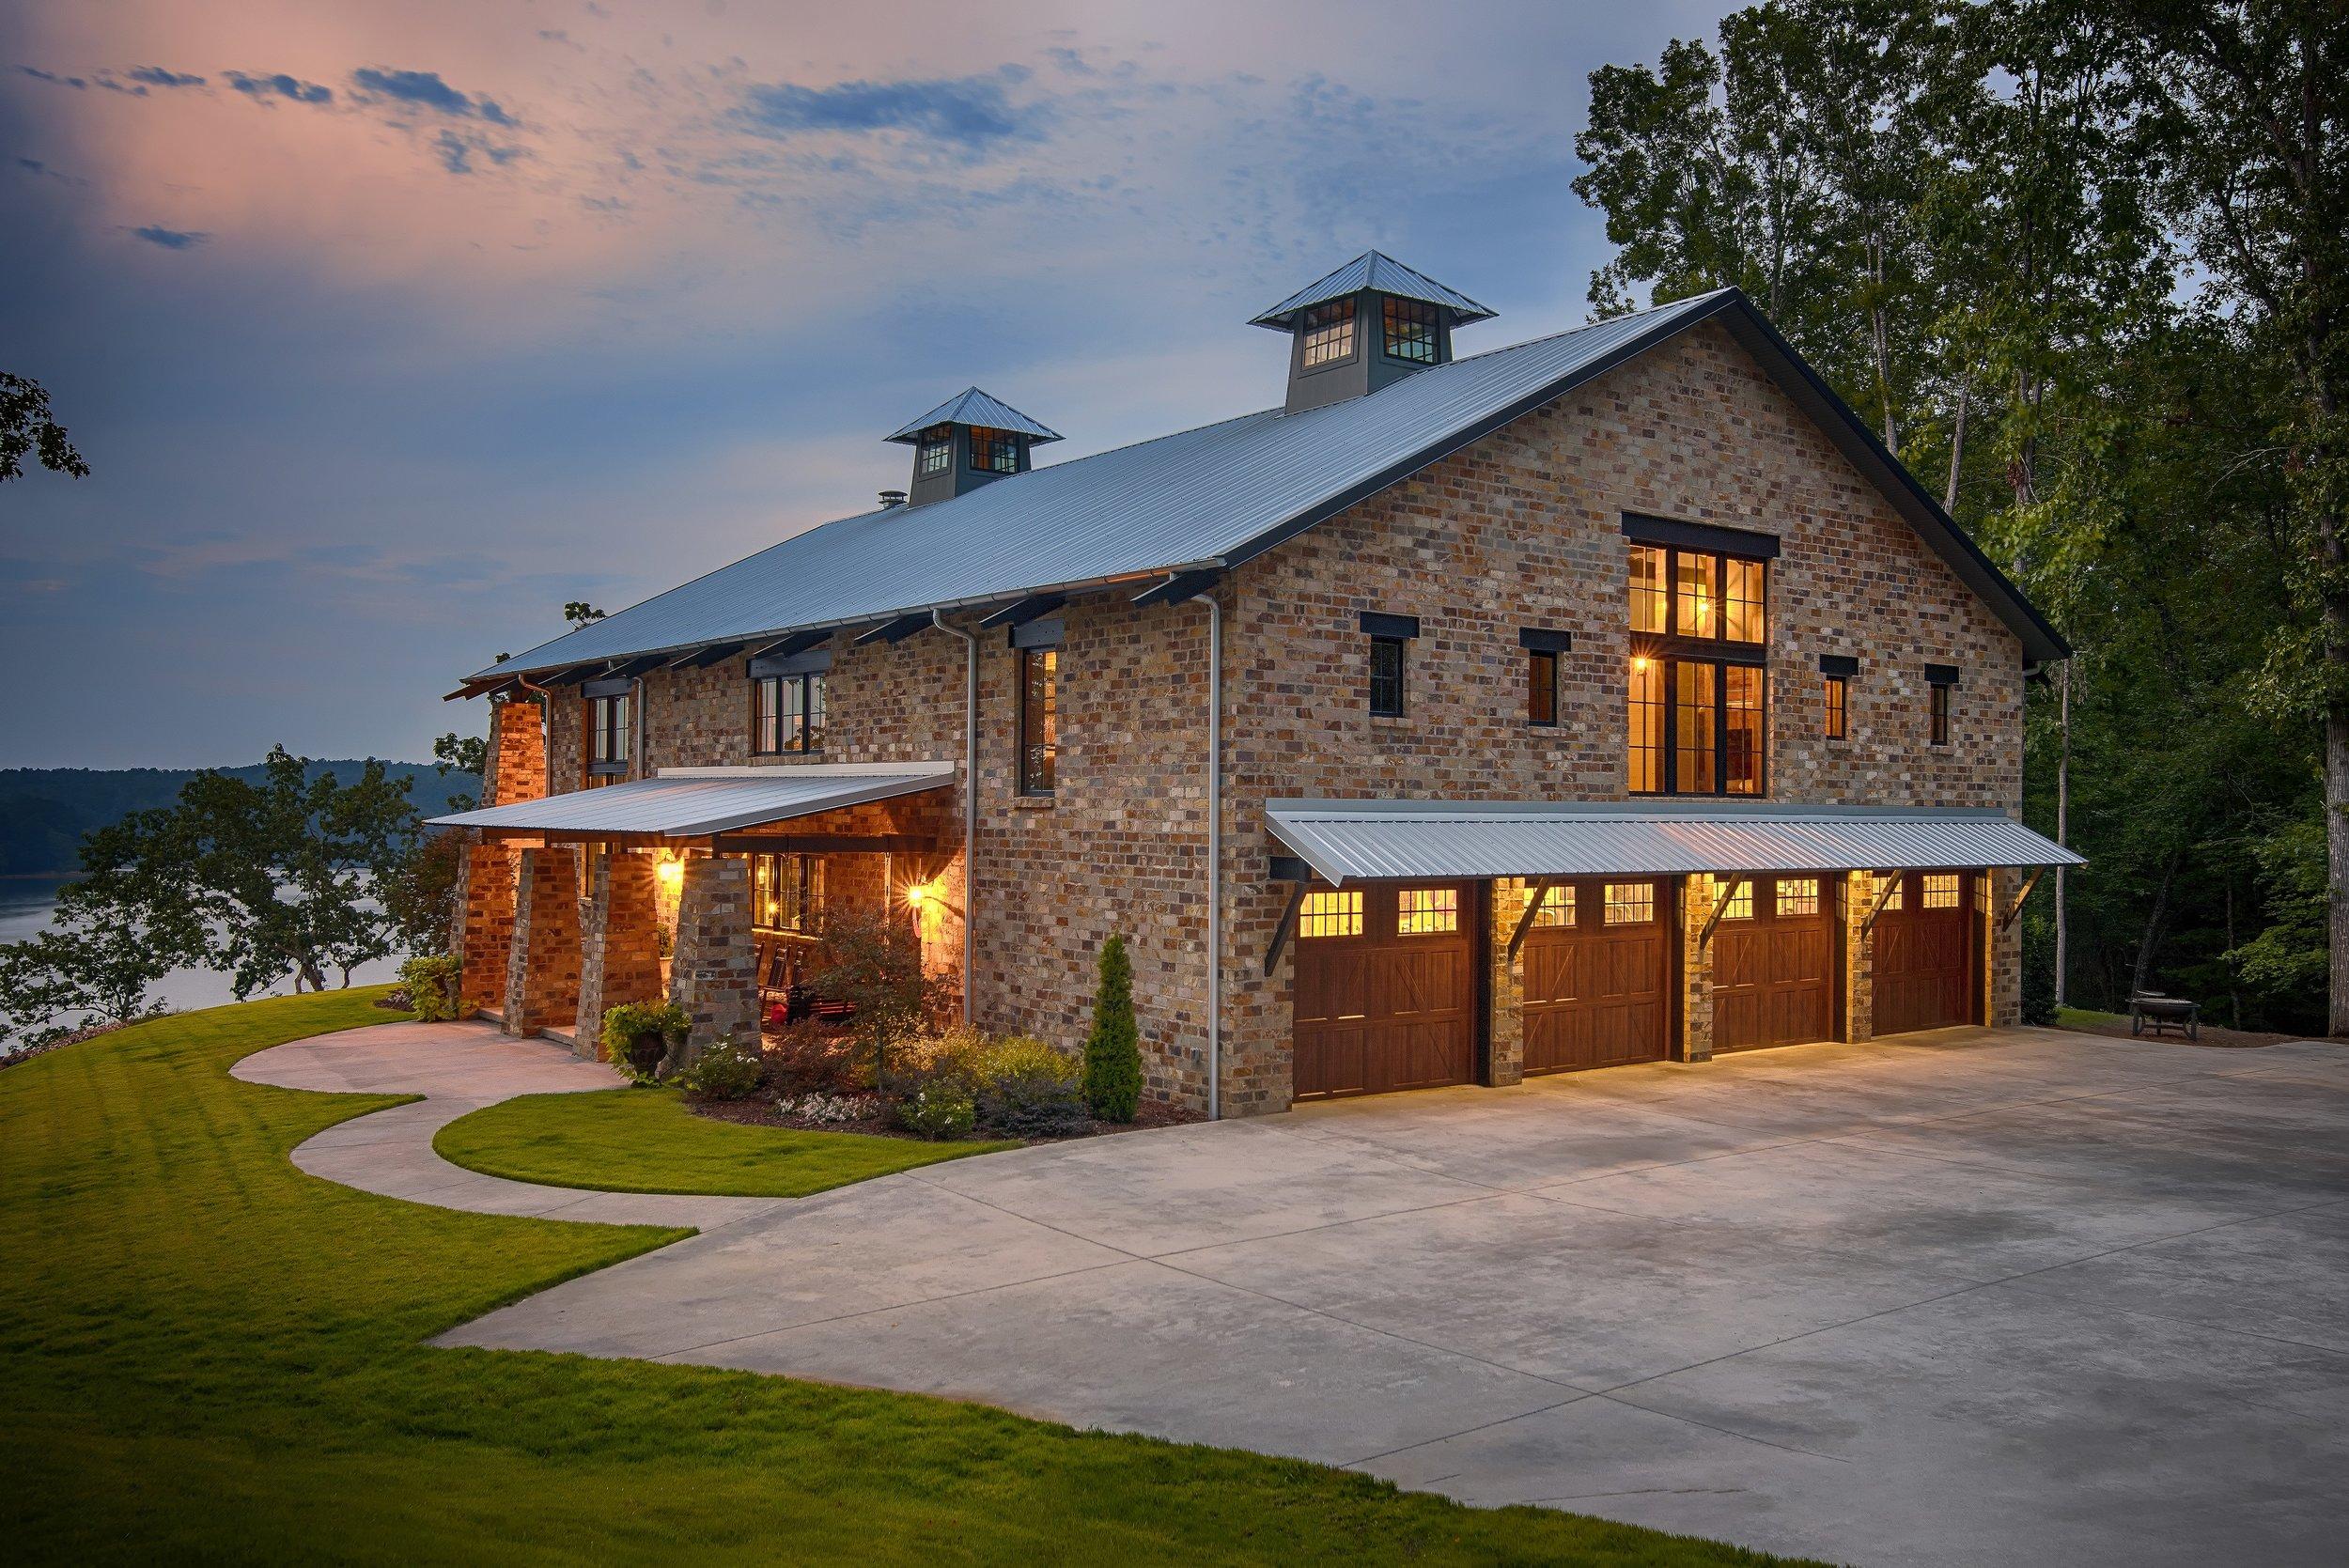 Crider Lake House at twilight magazine highlight architecture Alabama